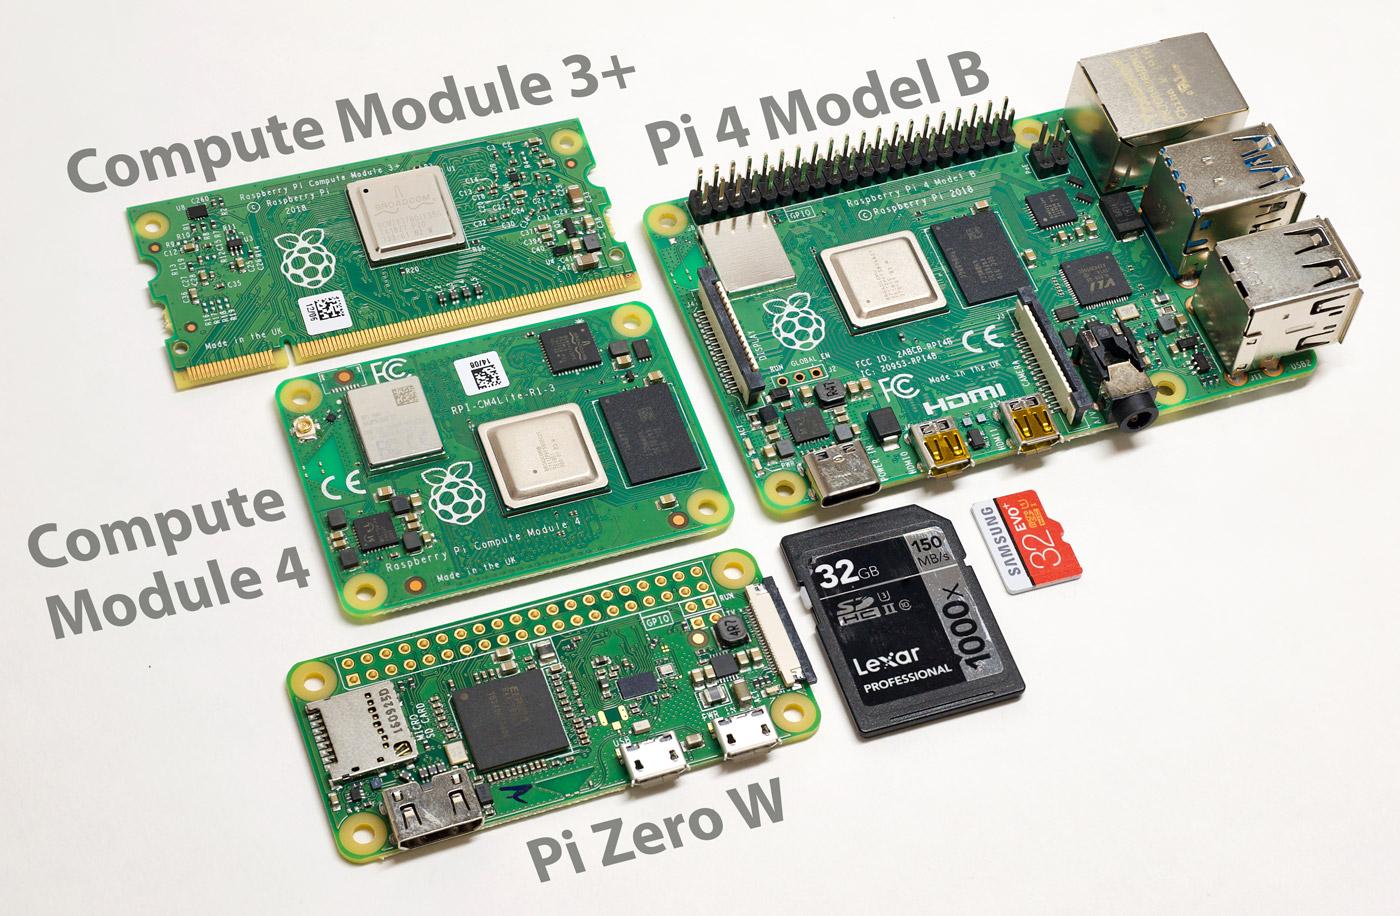 Raspberry Pi Compute Module 4 size comparison with Zero W, 4 model B, 3+, and microSD card